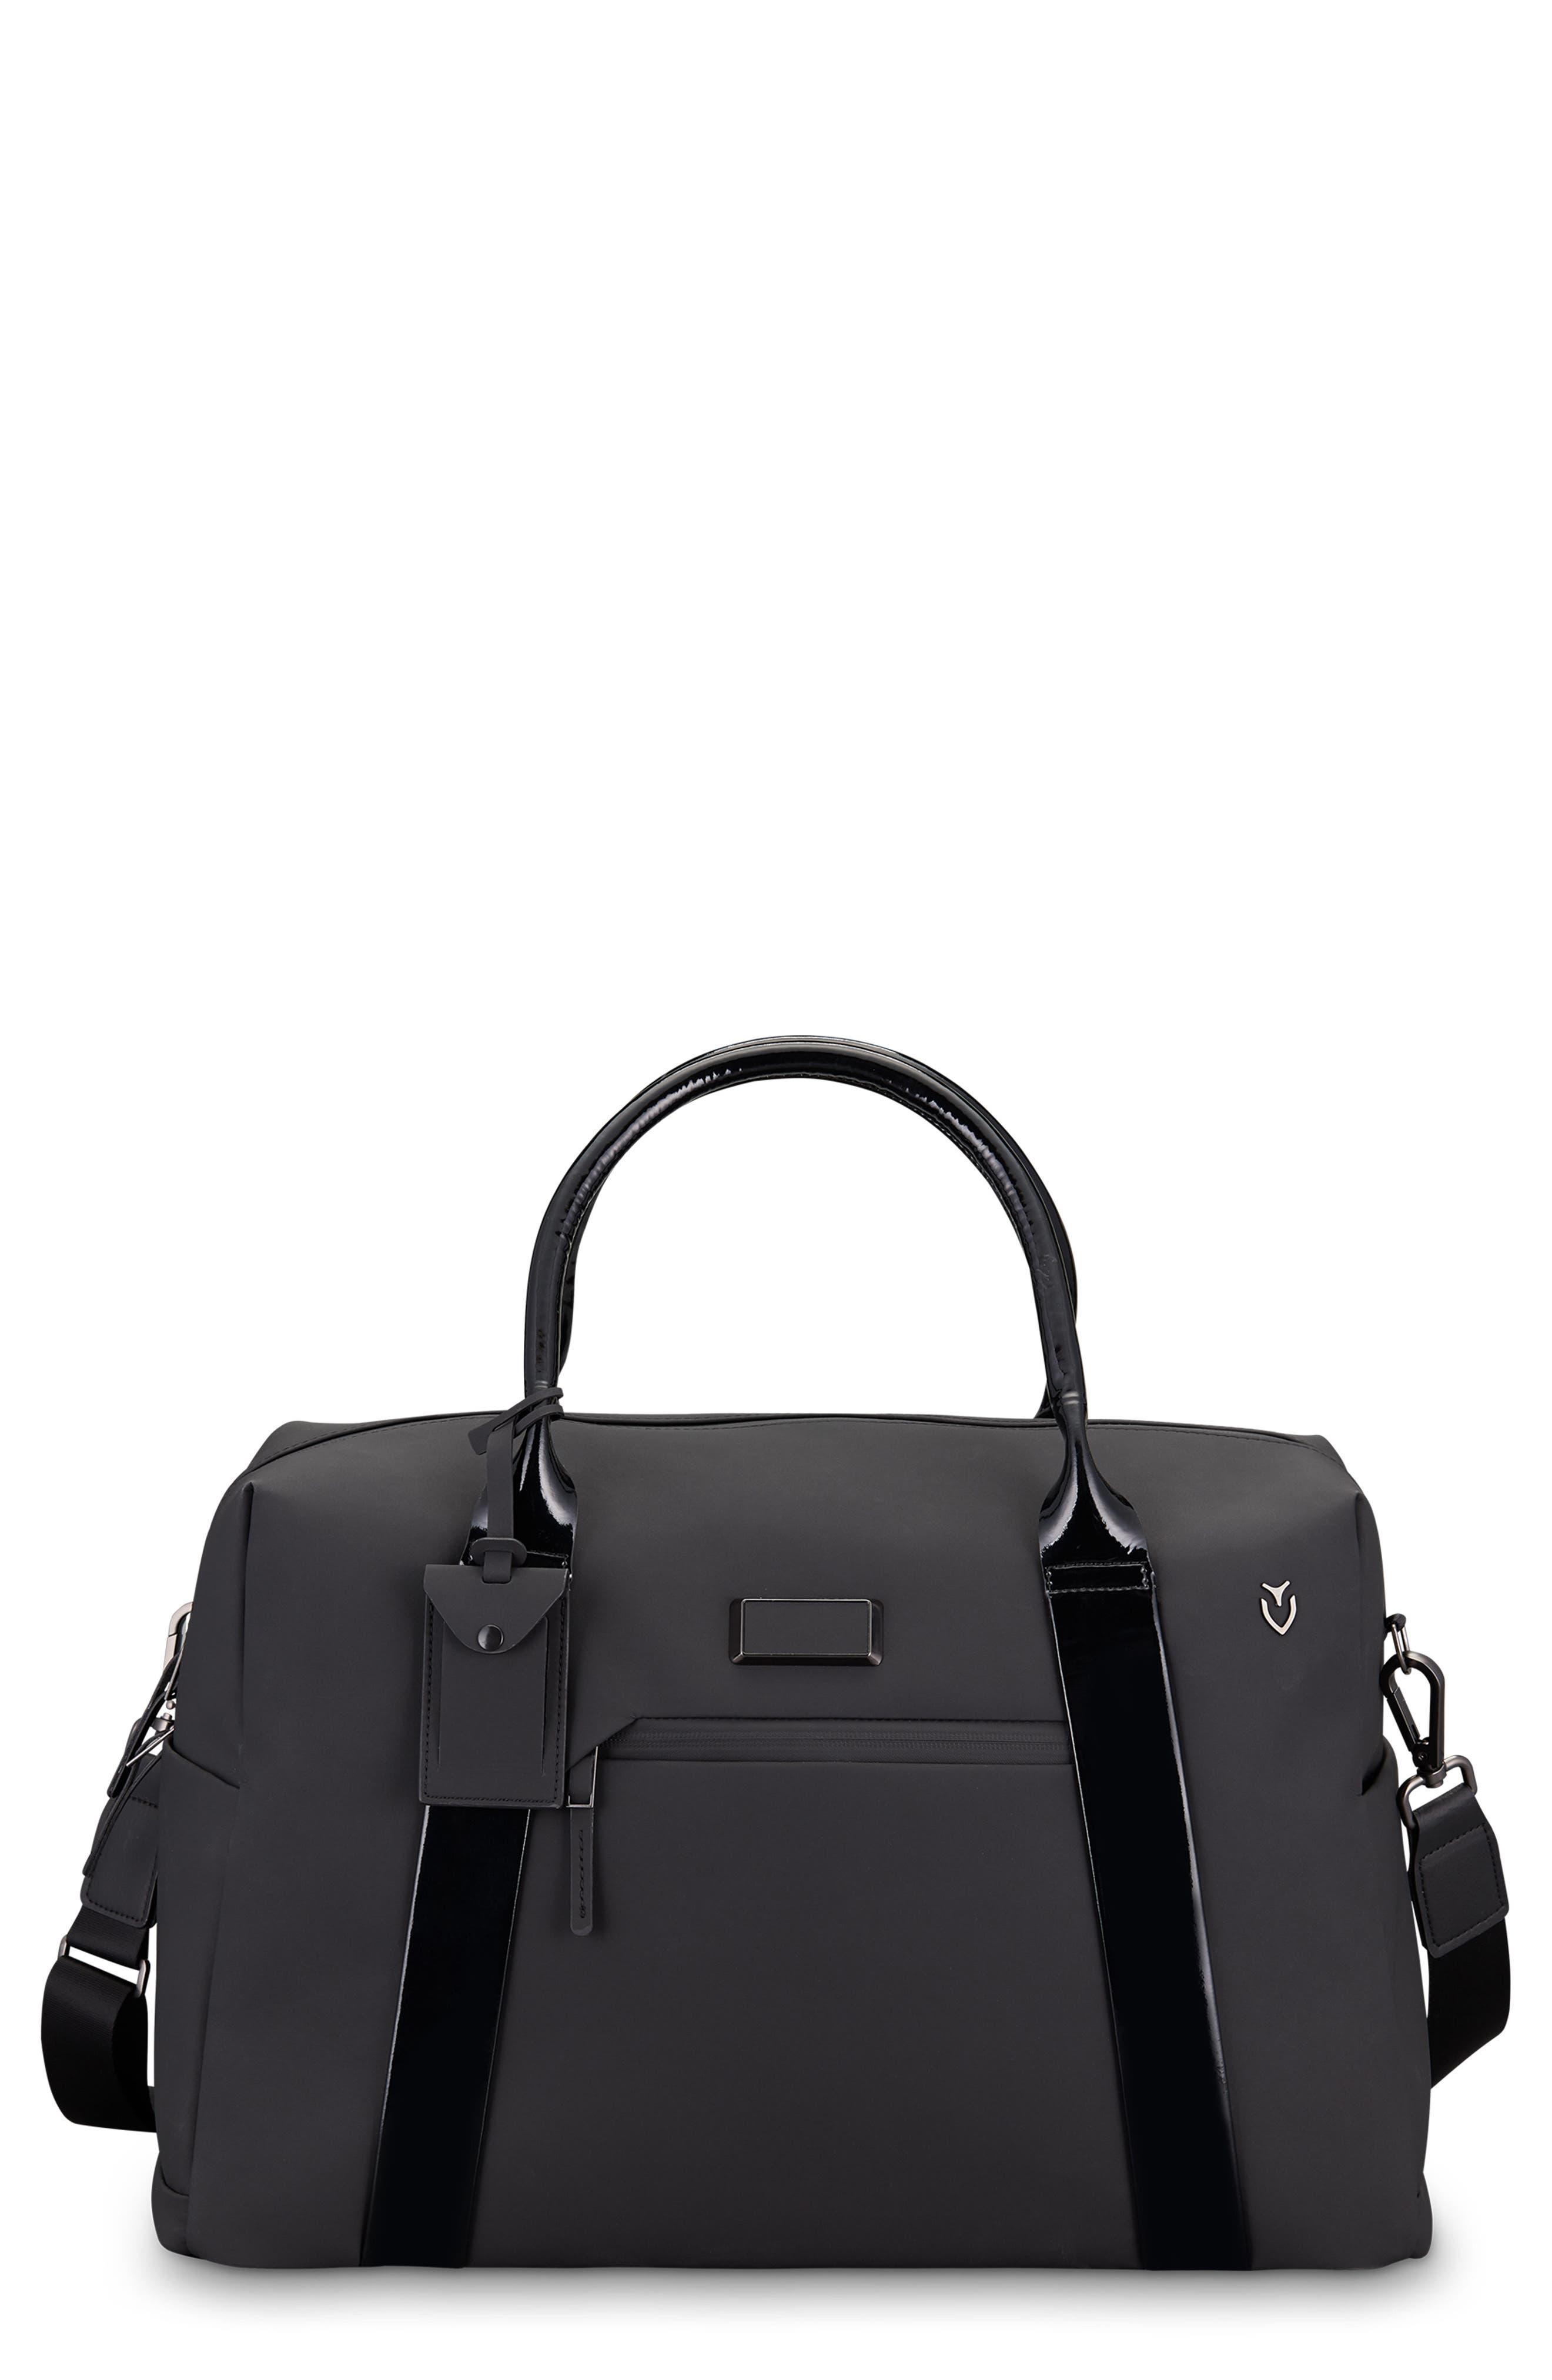 Signature 2.0 Faux Leather Duffel Bag,                         Main,                         color, MATTE/ PATENT BLACK